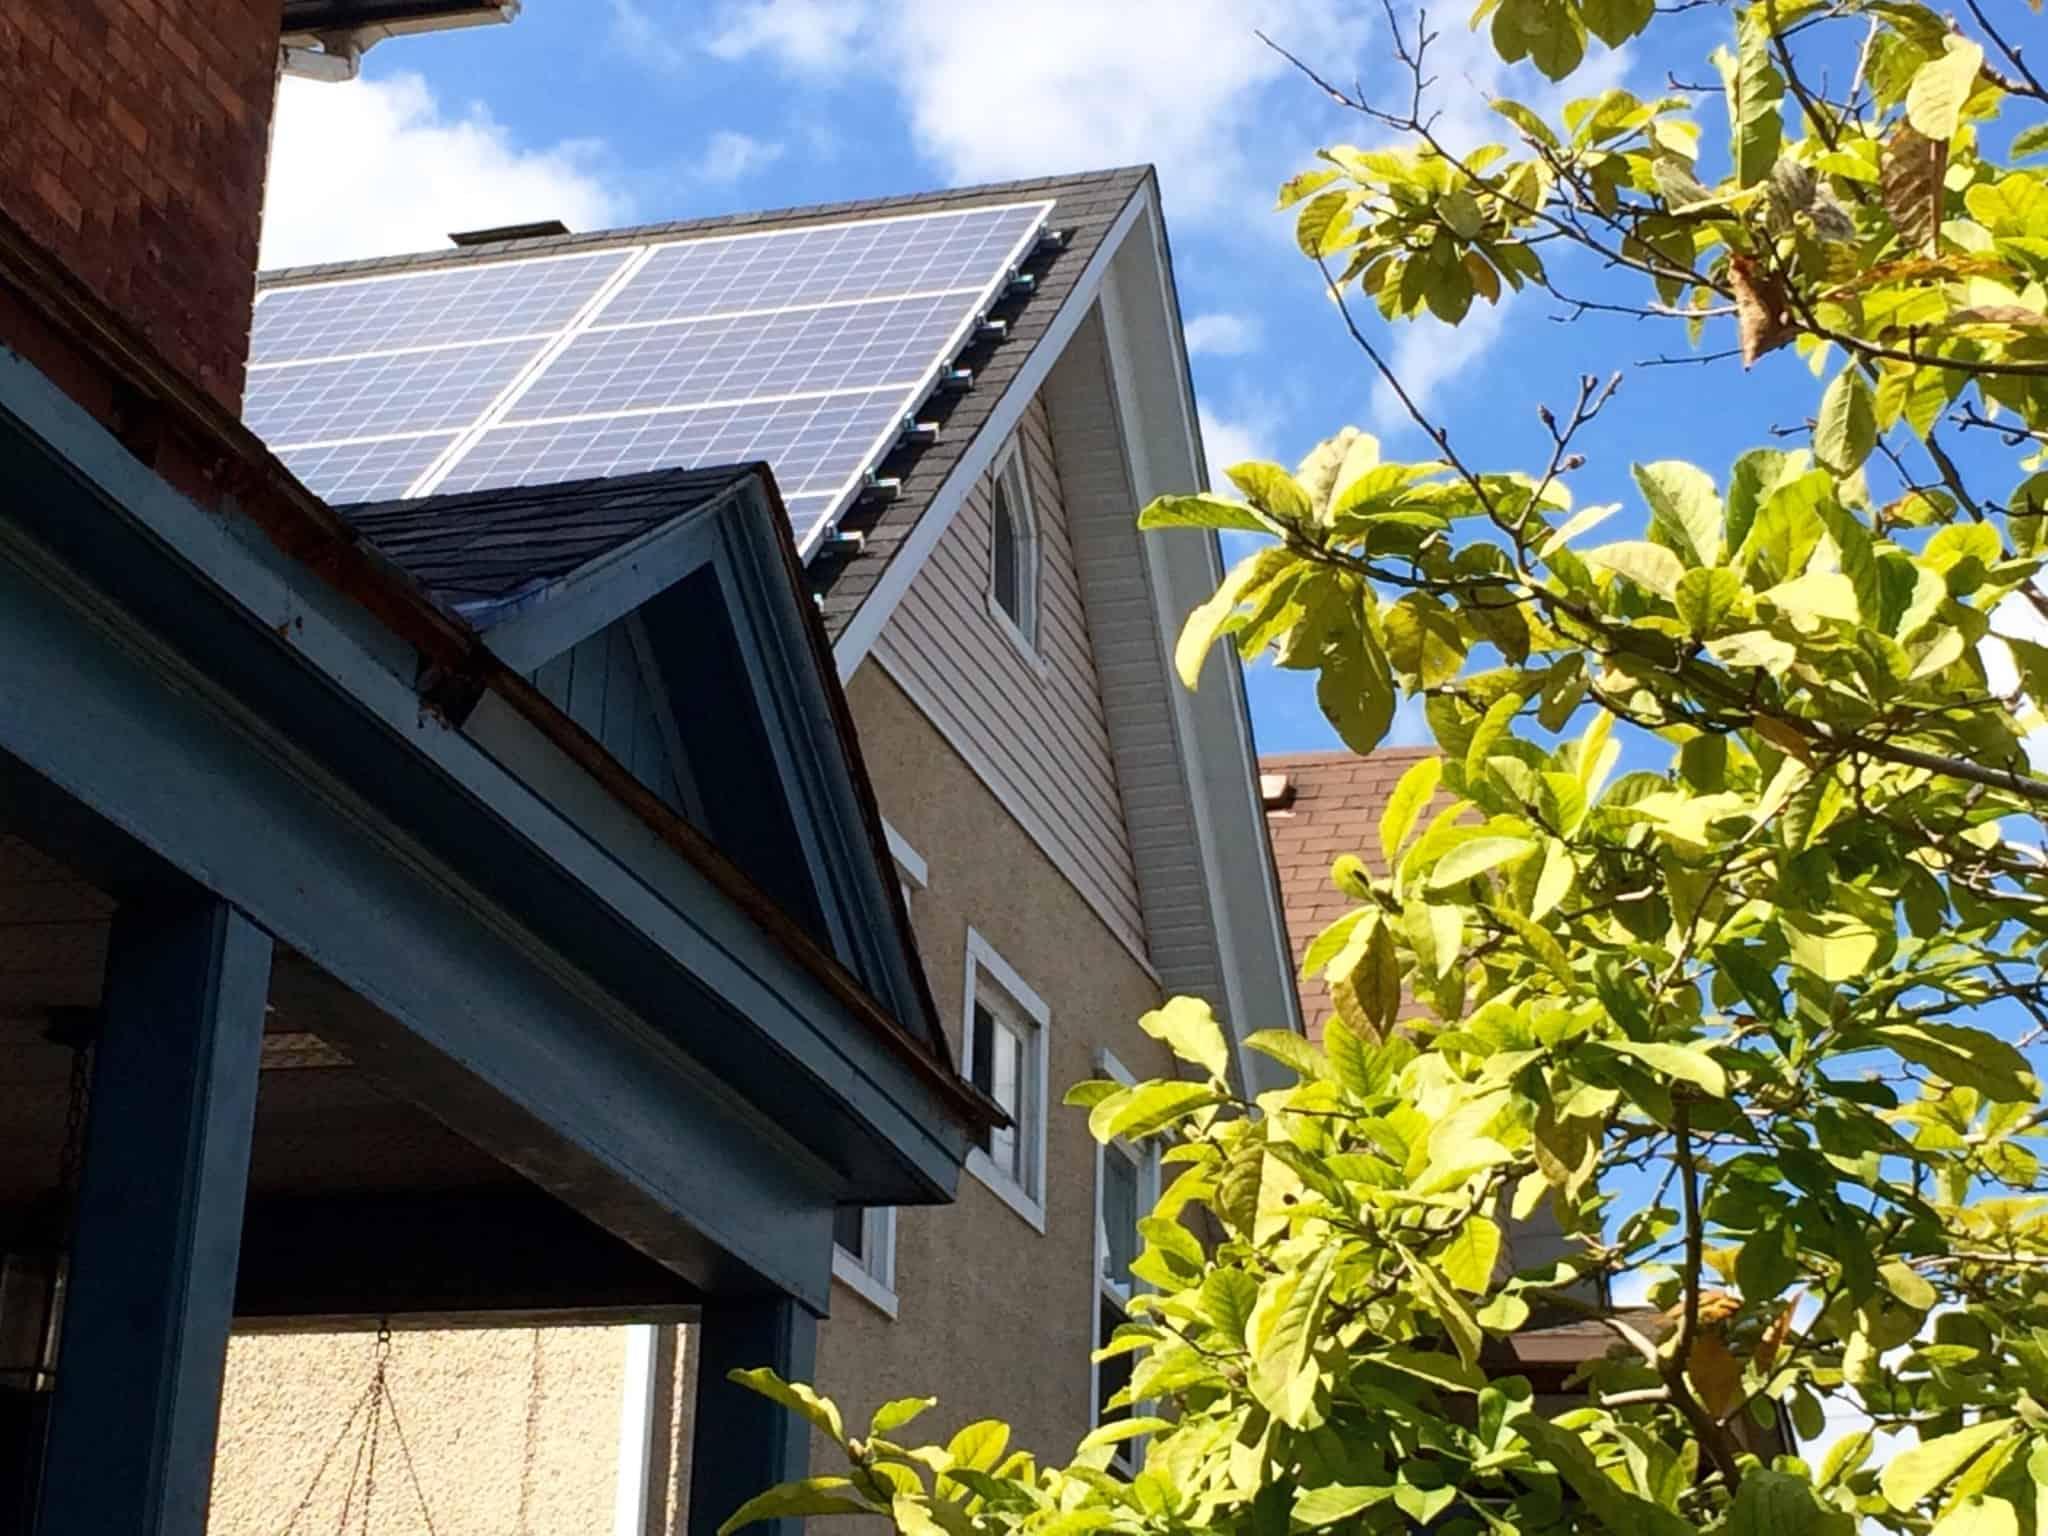 casa com telhado triangular